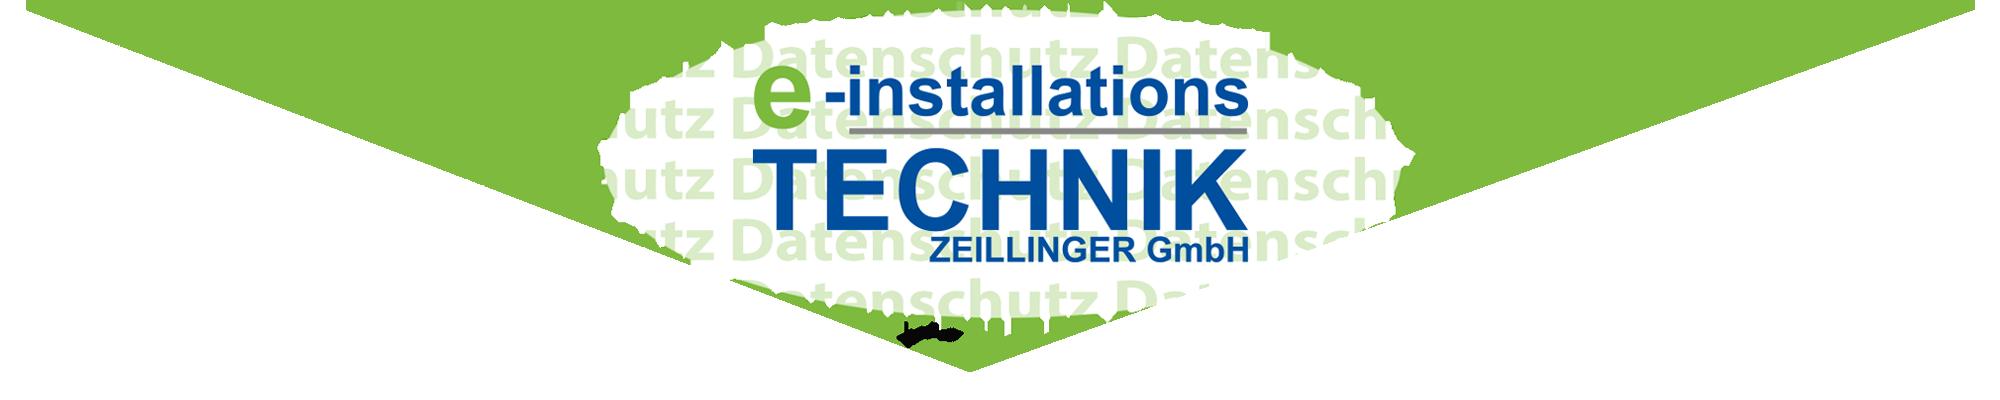 Datenschutz_Zeillinger